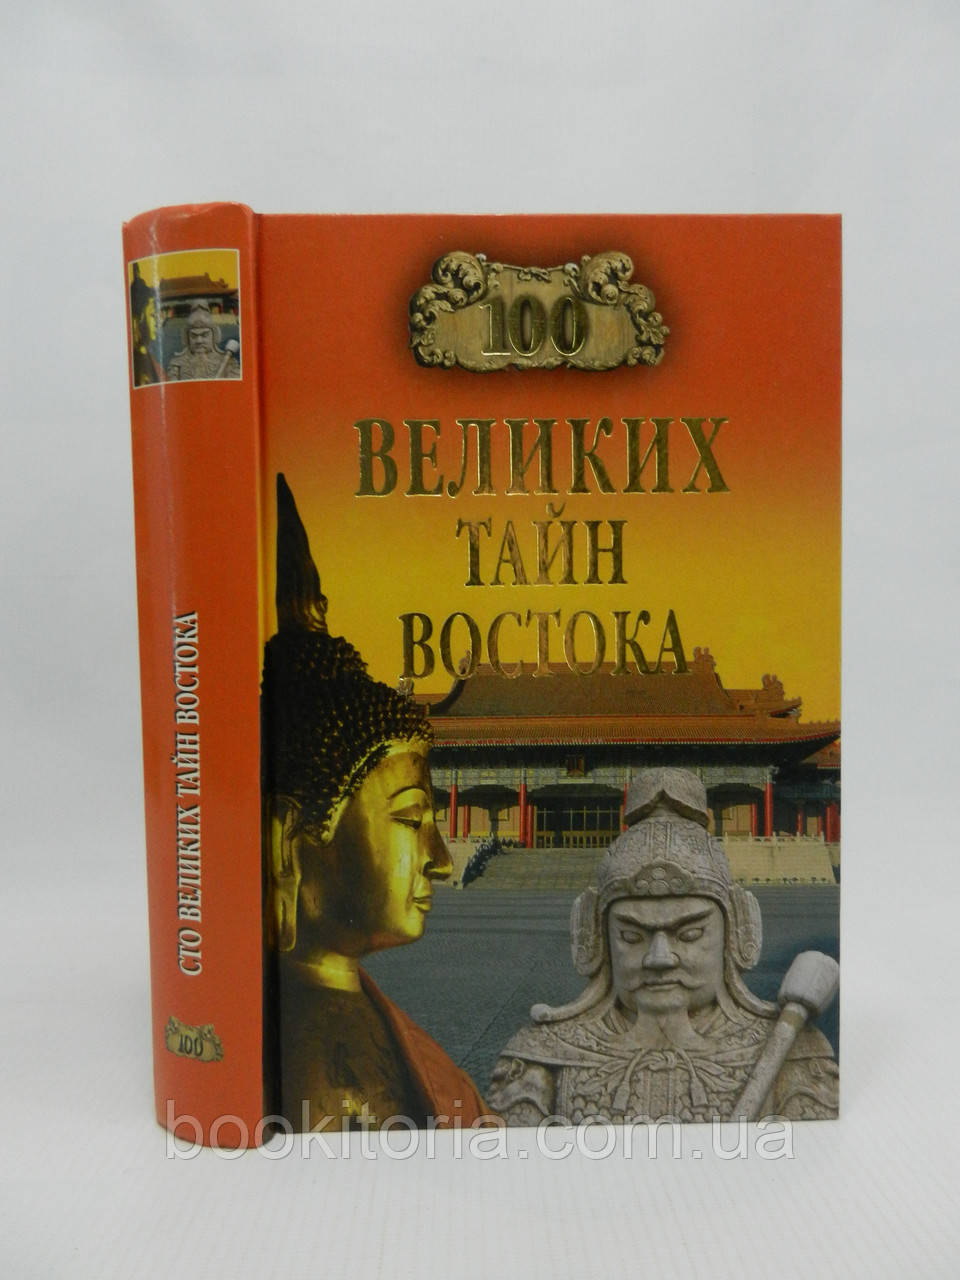 100 великих тайн Востока (б/у)., фото 1